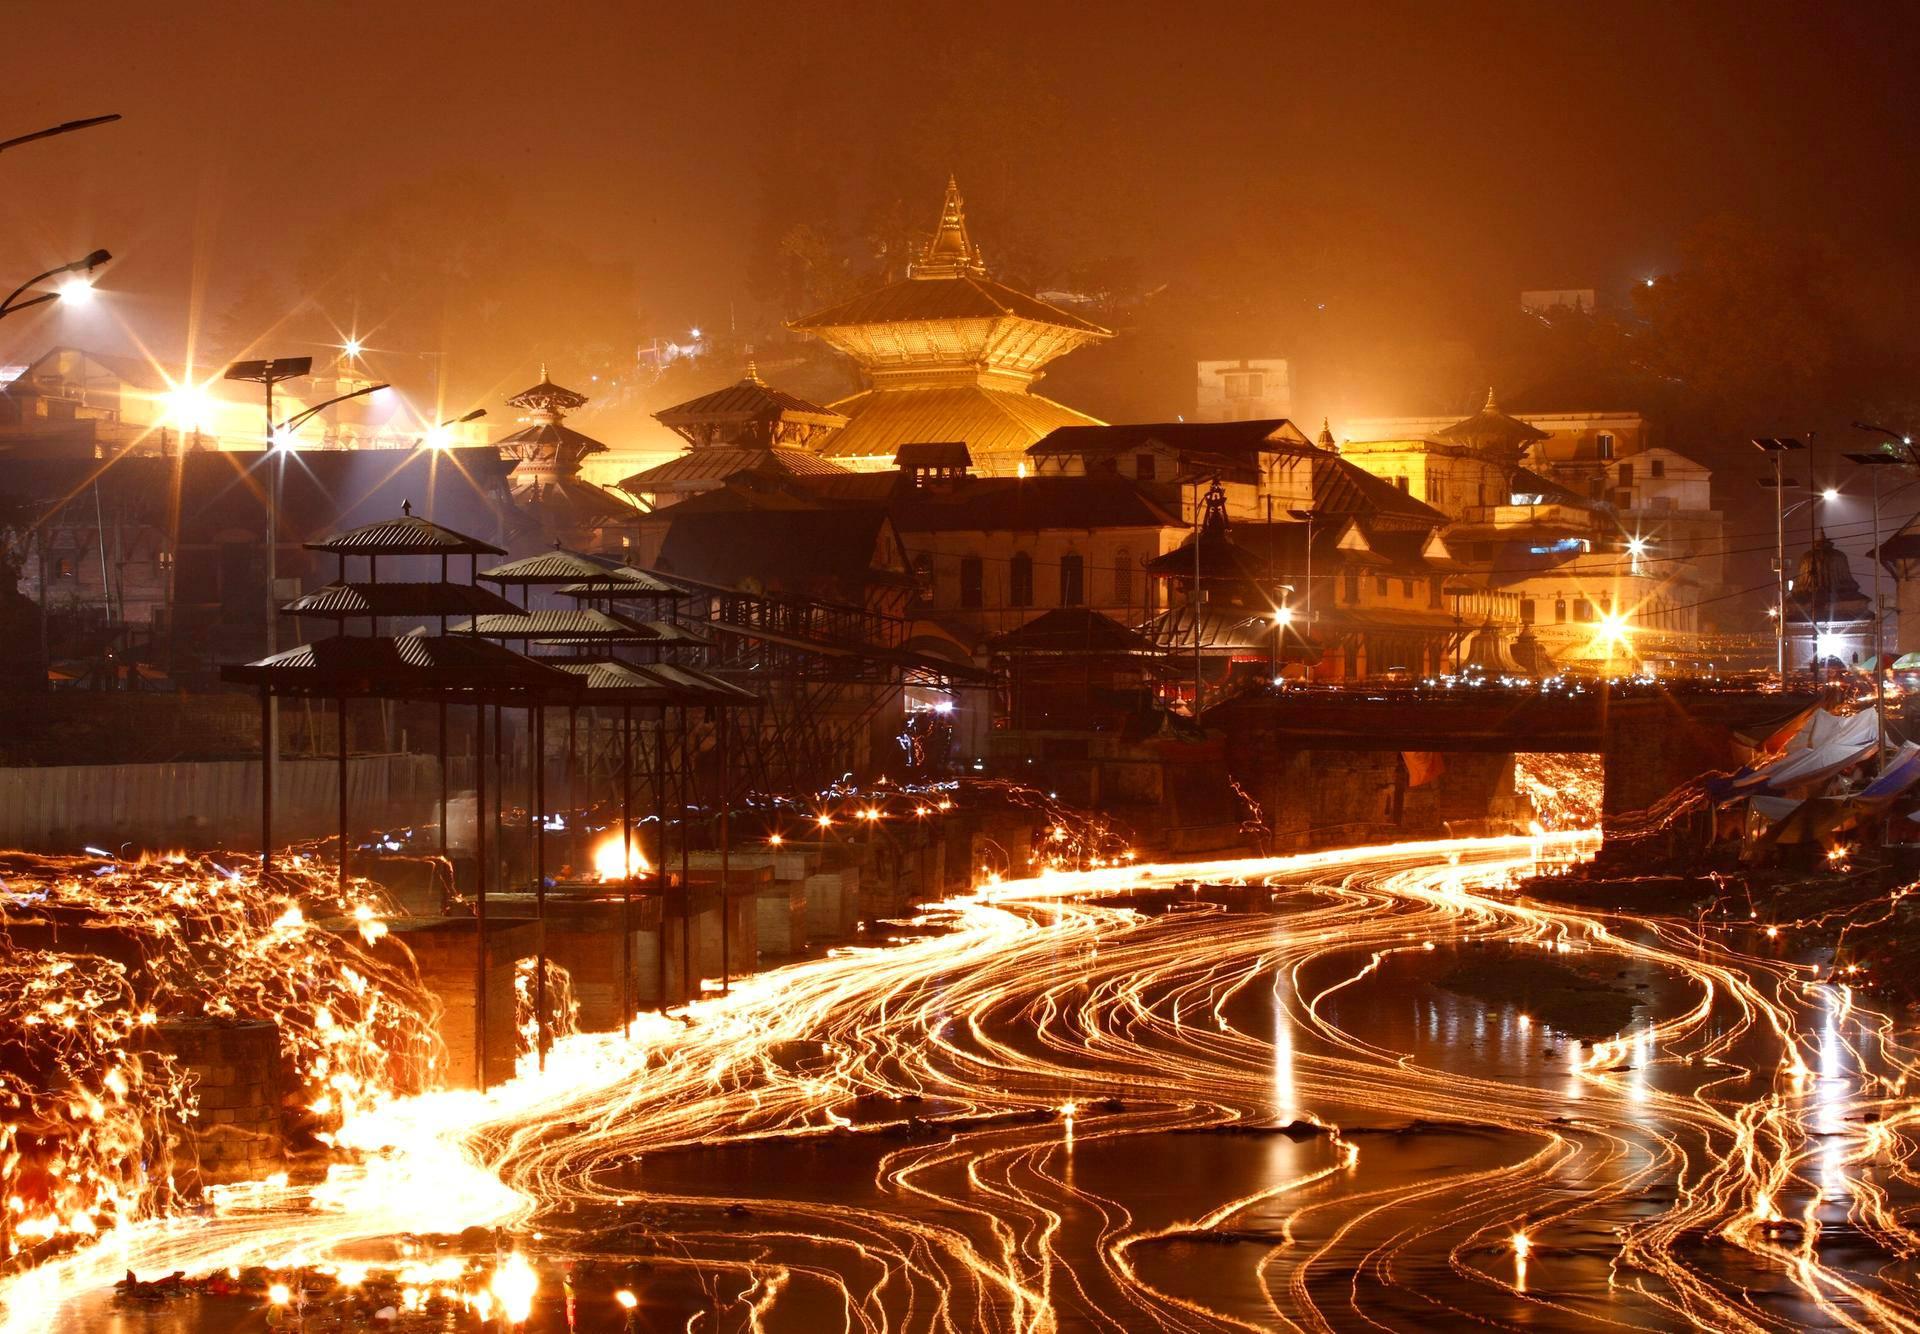 Kynttilät valisevat Bagmati-jokea Pashupatinath-temppelin lähistöllä Nepalin pääkaupungissa Kathmandussa maanantaina. Maassa vietetään Bala Chaturdashi -juhlaa.